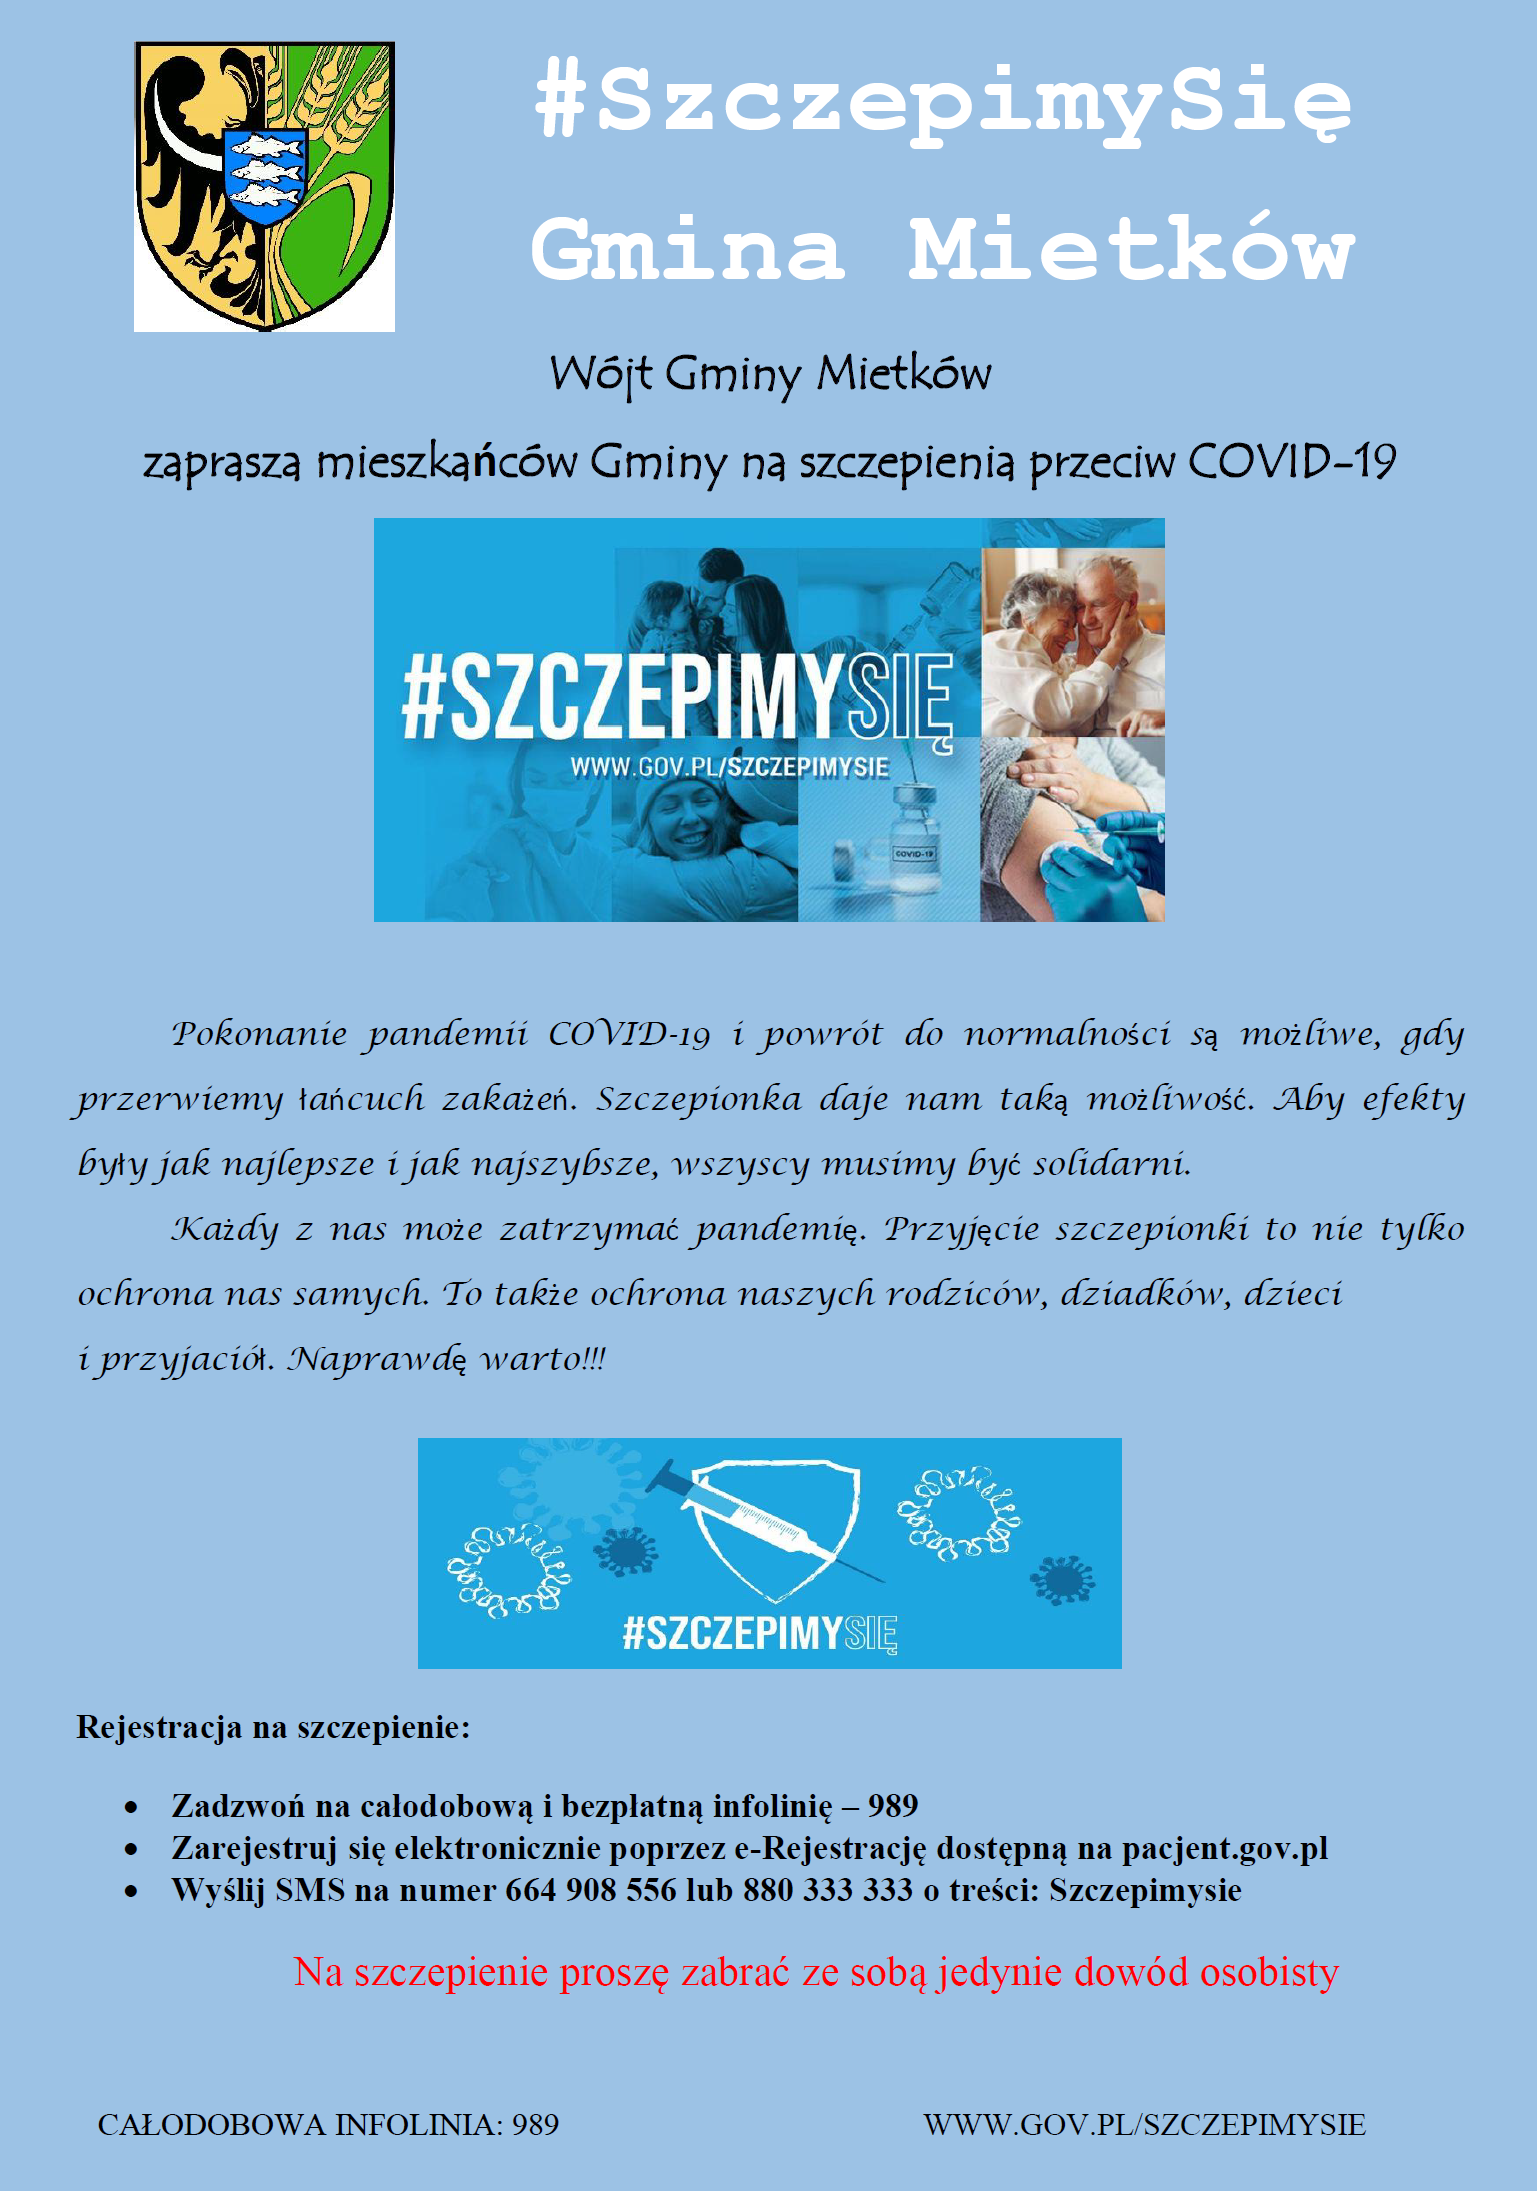 Plakat promujący szczepienia Covid-19